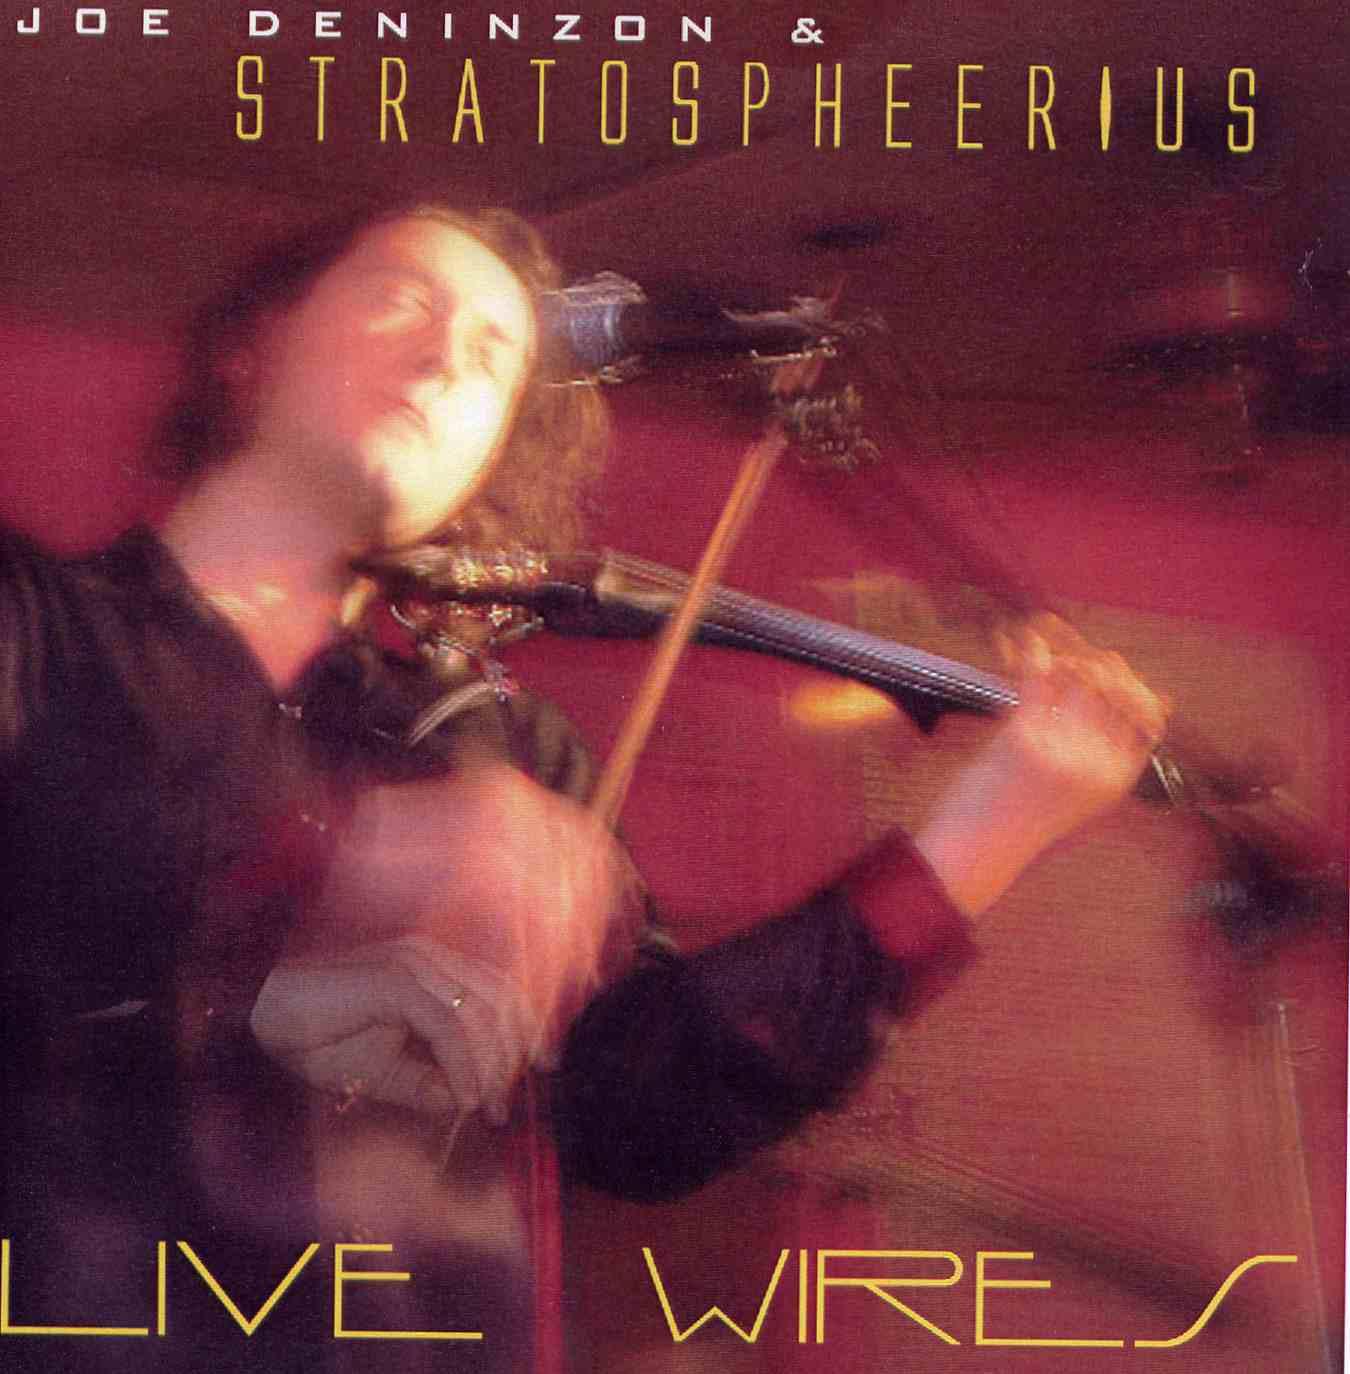 Joe Deninzon & Stratospheerius — Live Wires